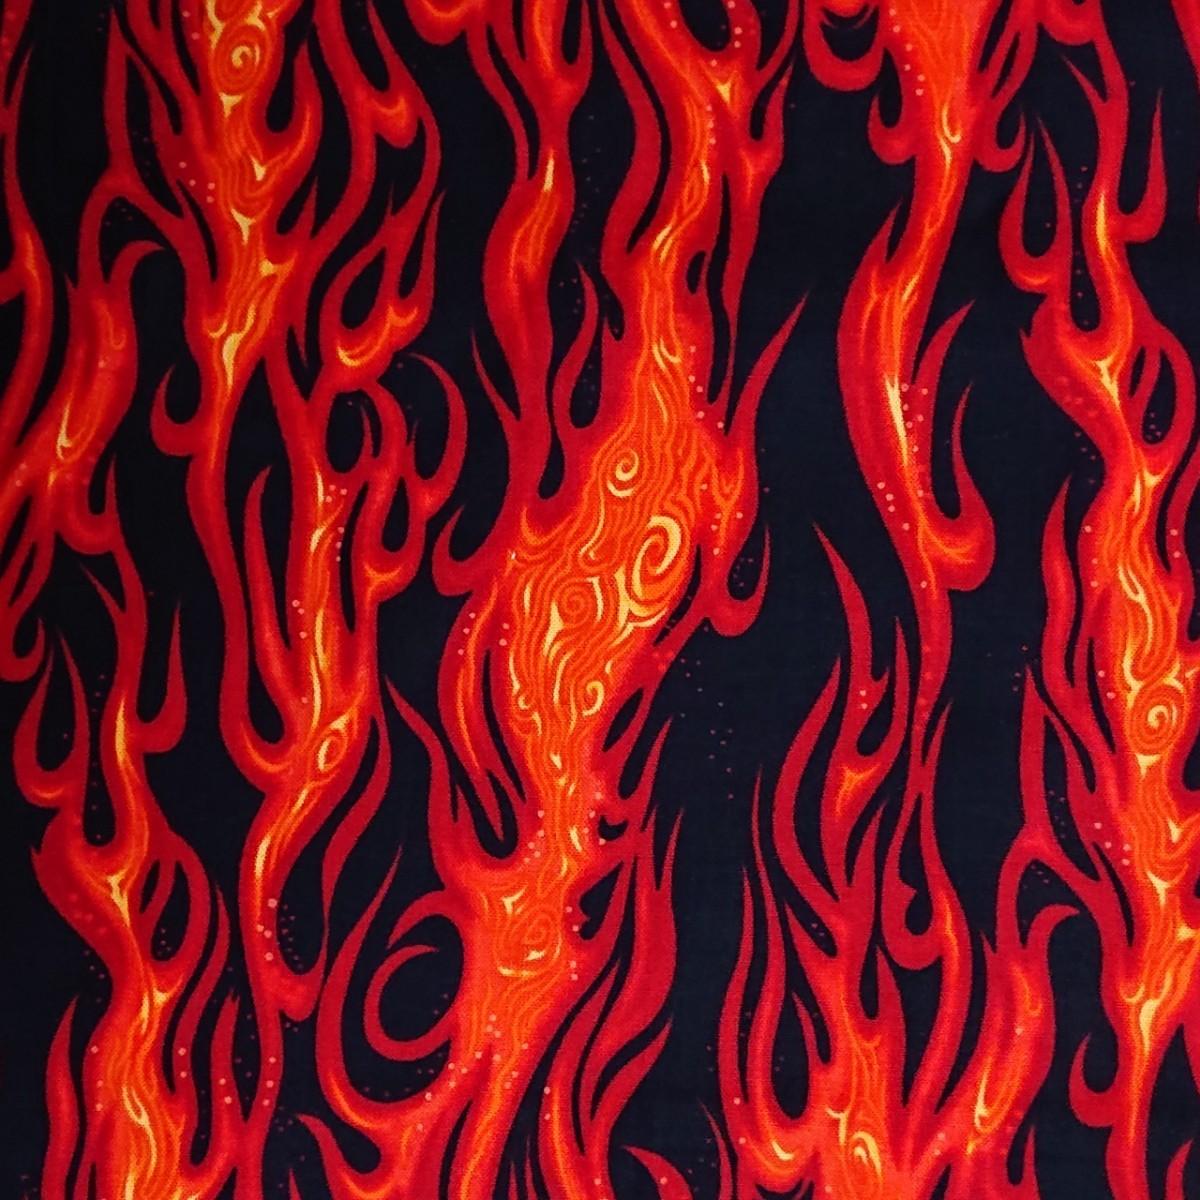 炎柄 ハギレ 布 生地 ハンドメイド 鬼滅の刃 呪術廻戦